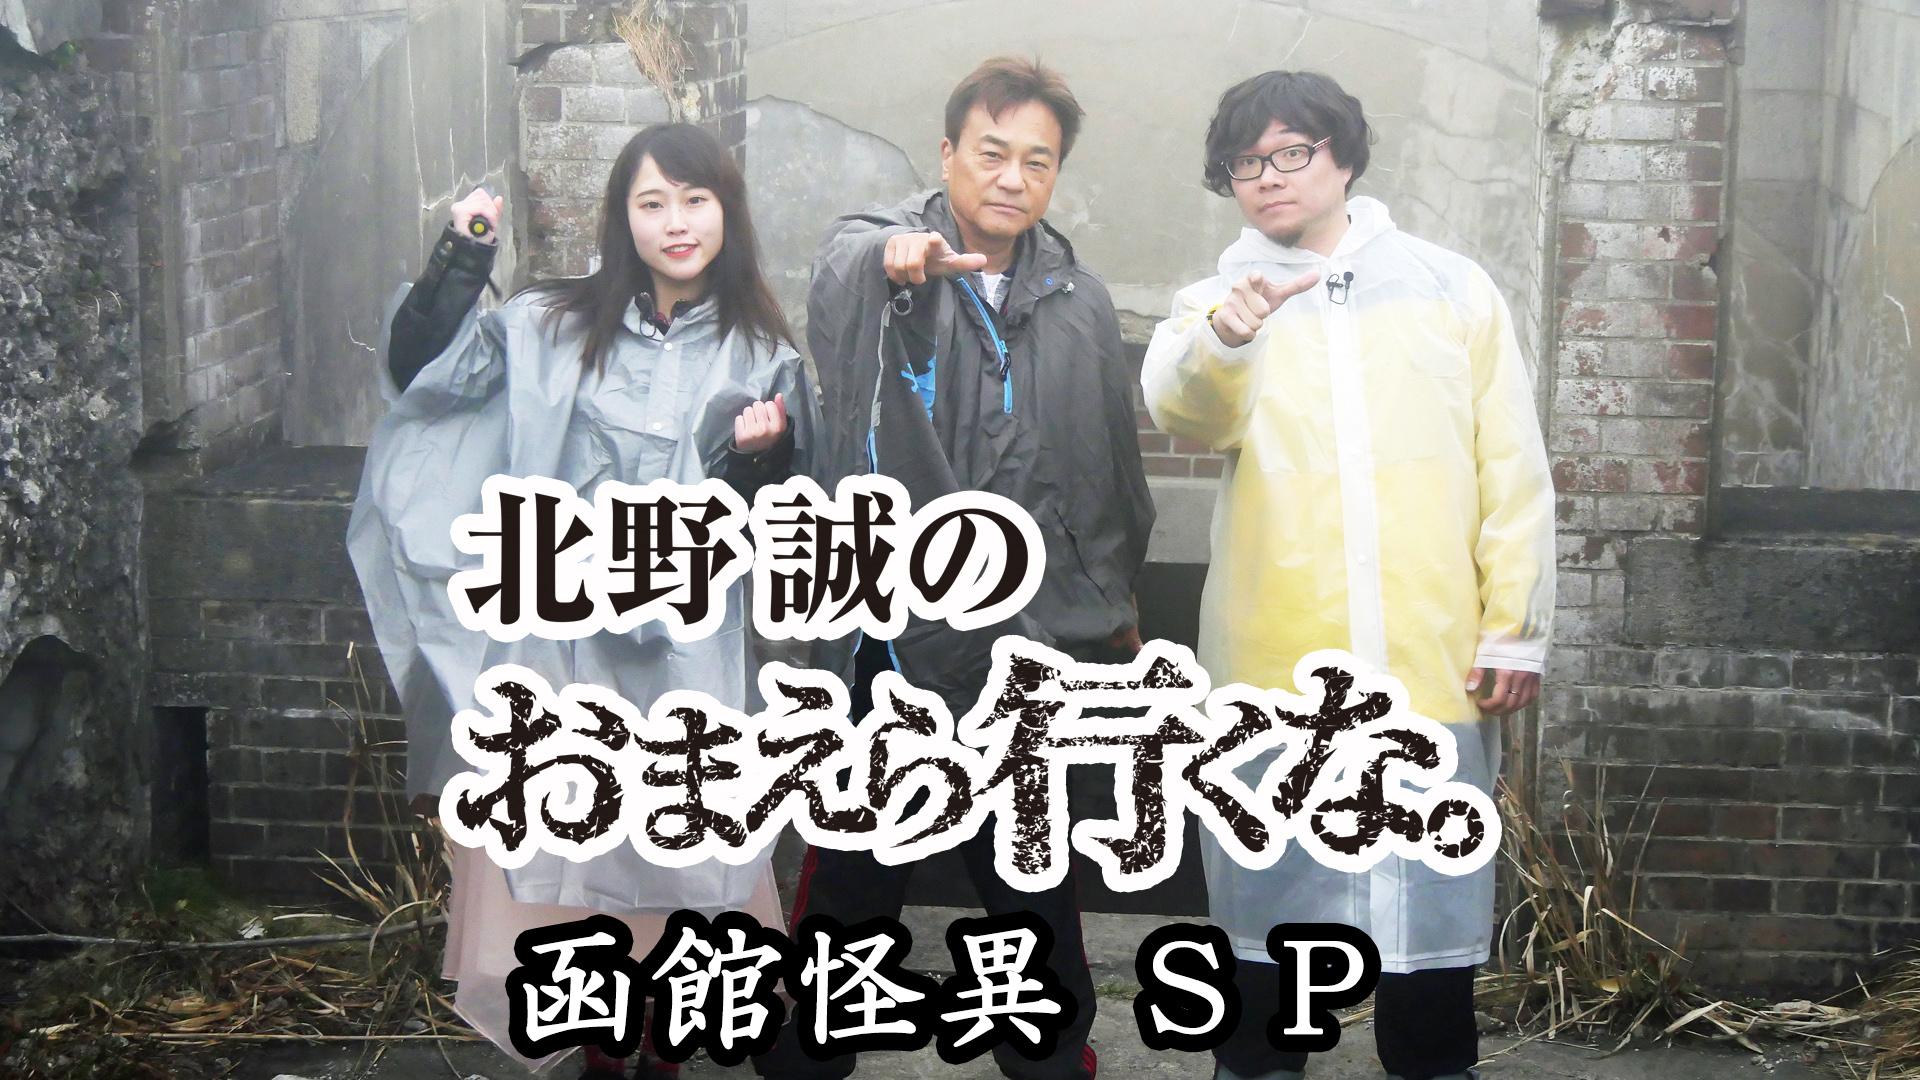 北野誠のおまえら行くな。函館怪異SP